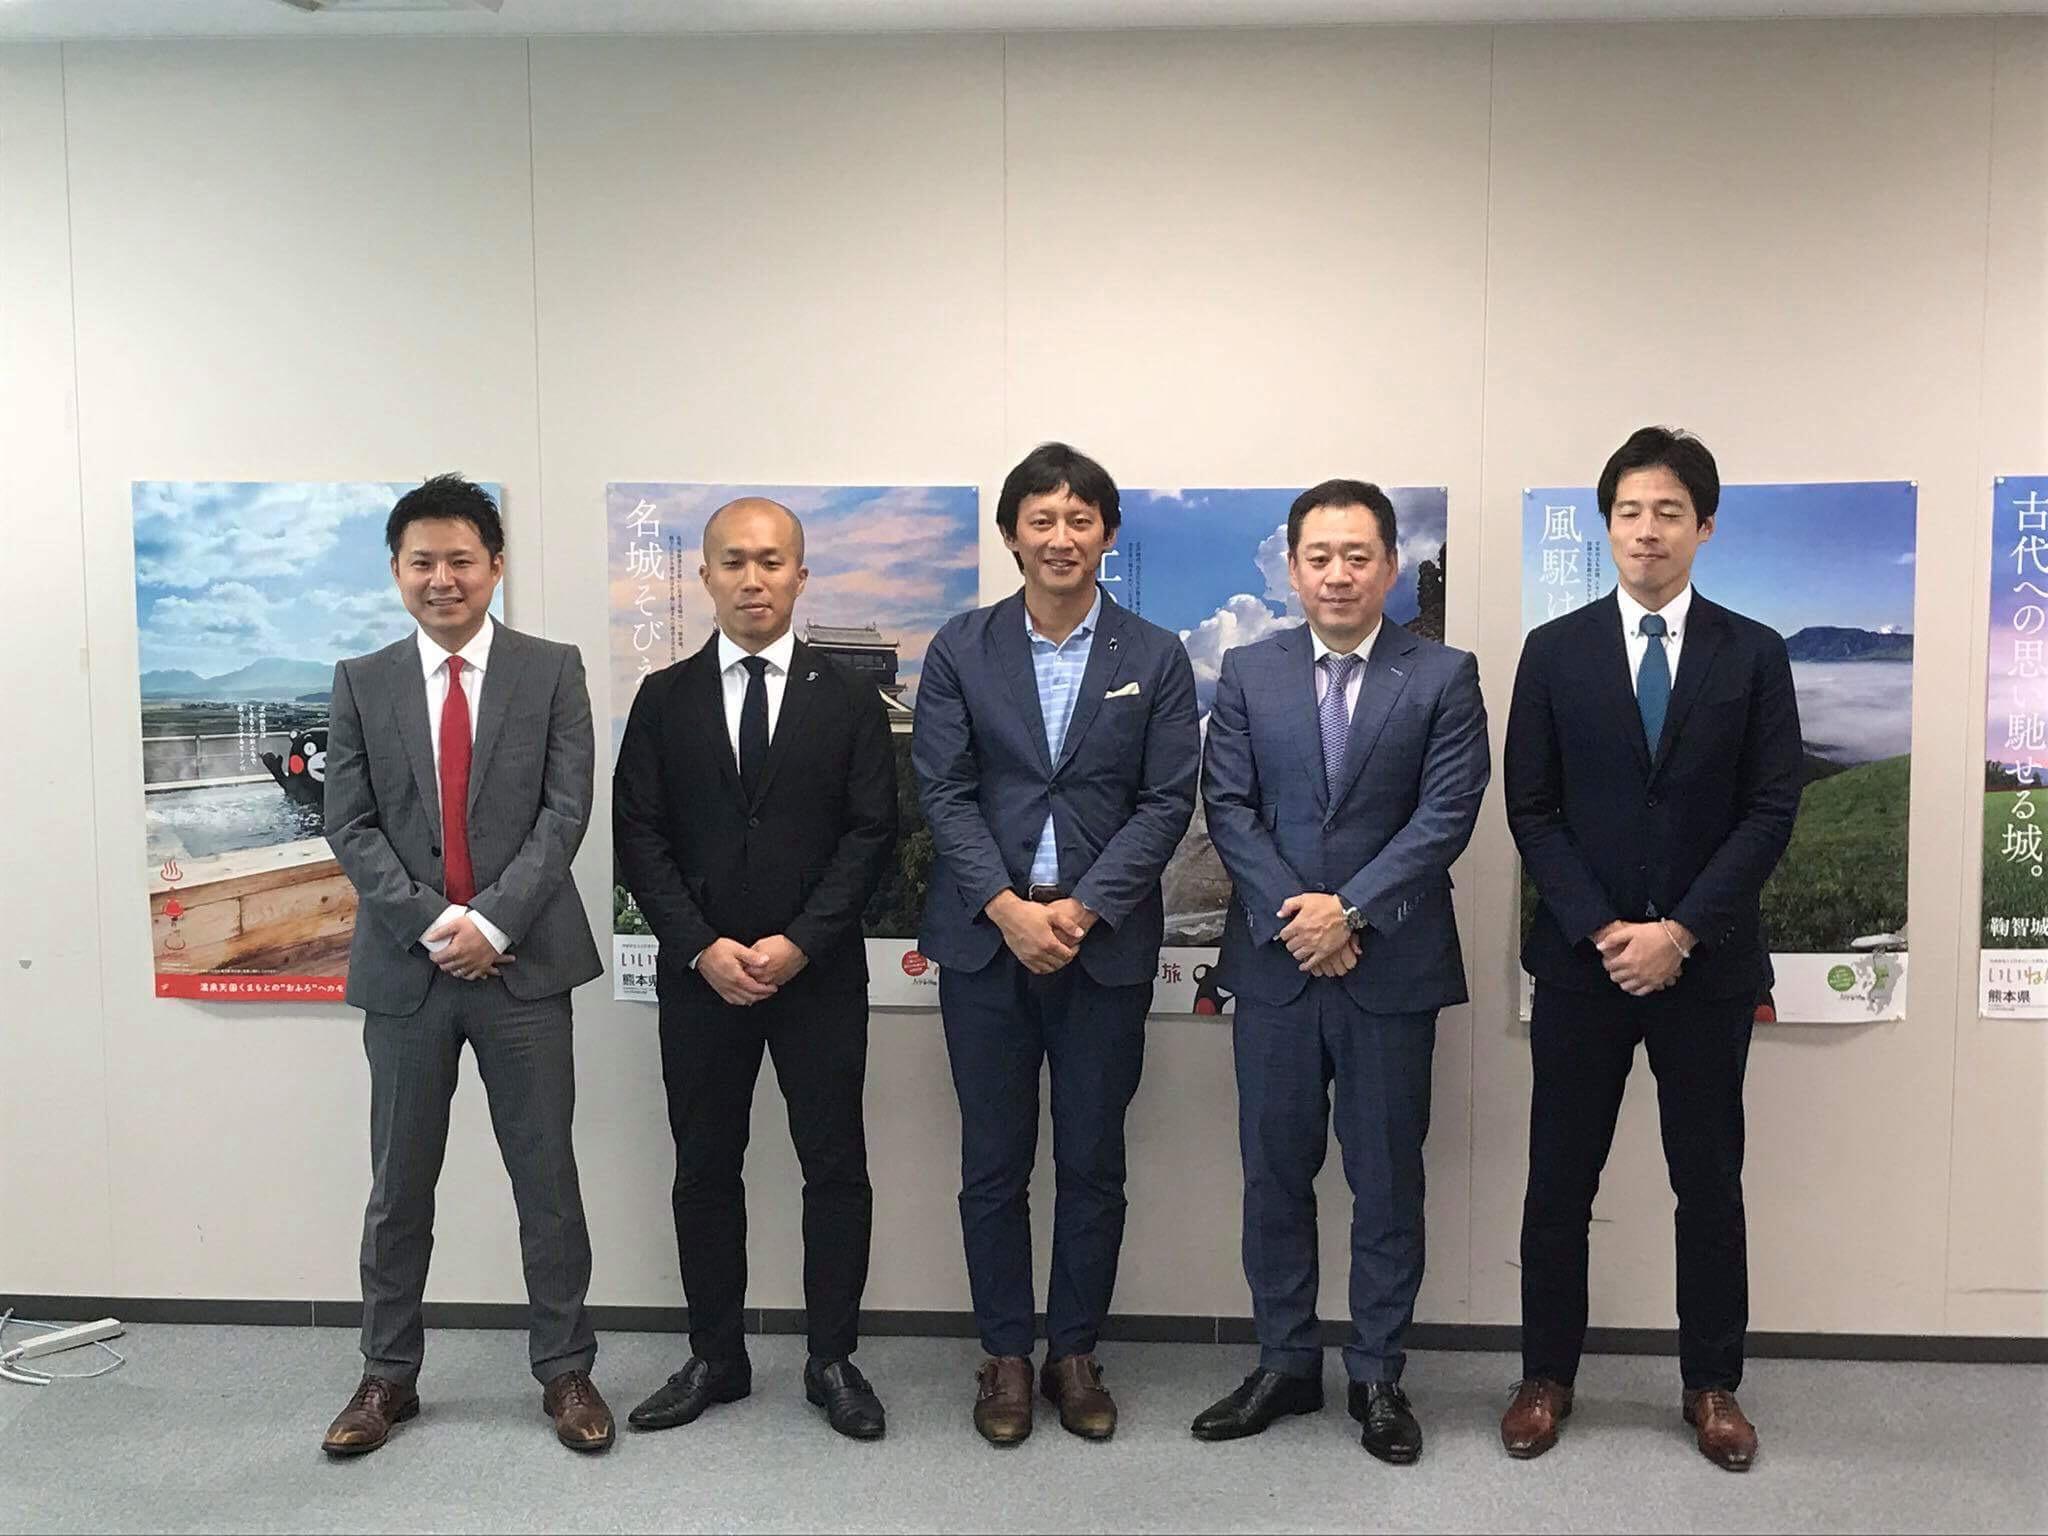 一般社団法人「熊本創生企業家ネットワーク」の設立について